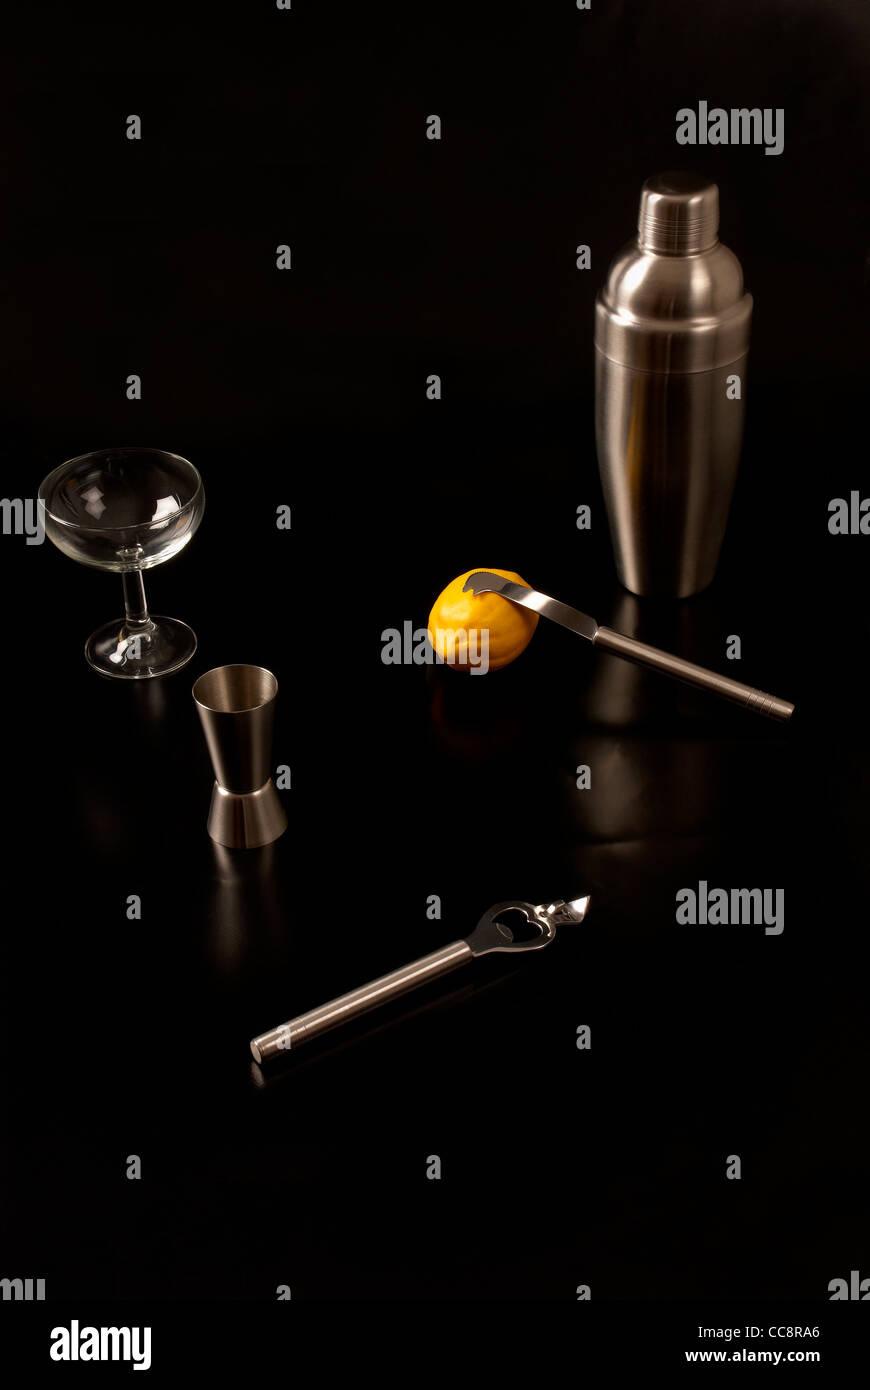 Eine Grundausstattung An Cocktail Utensilien Fur Den